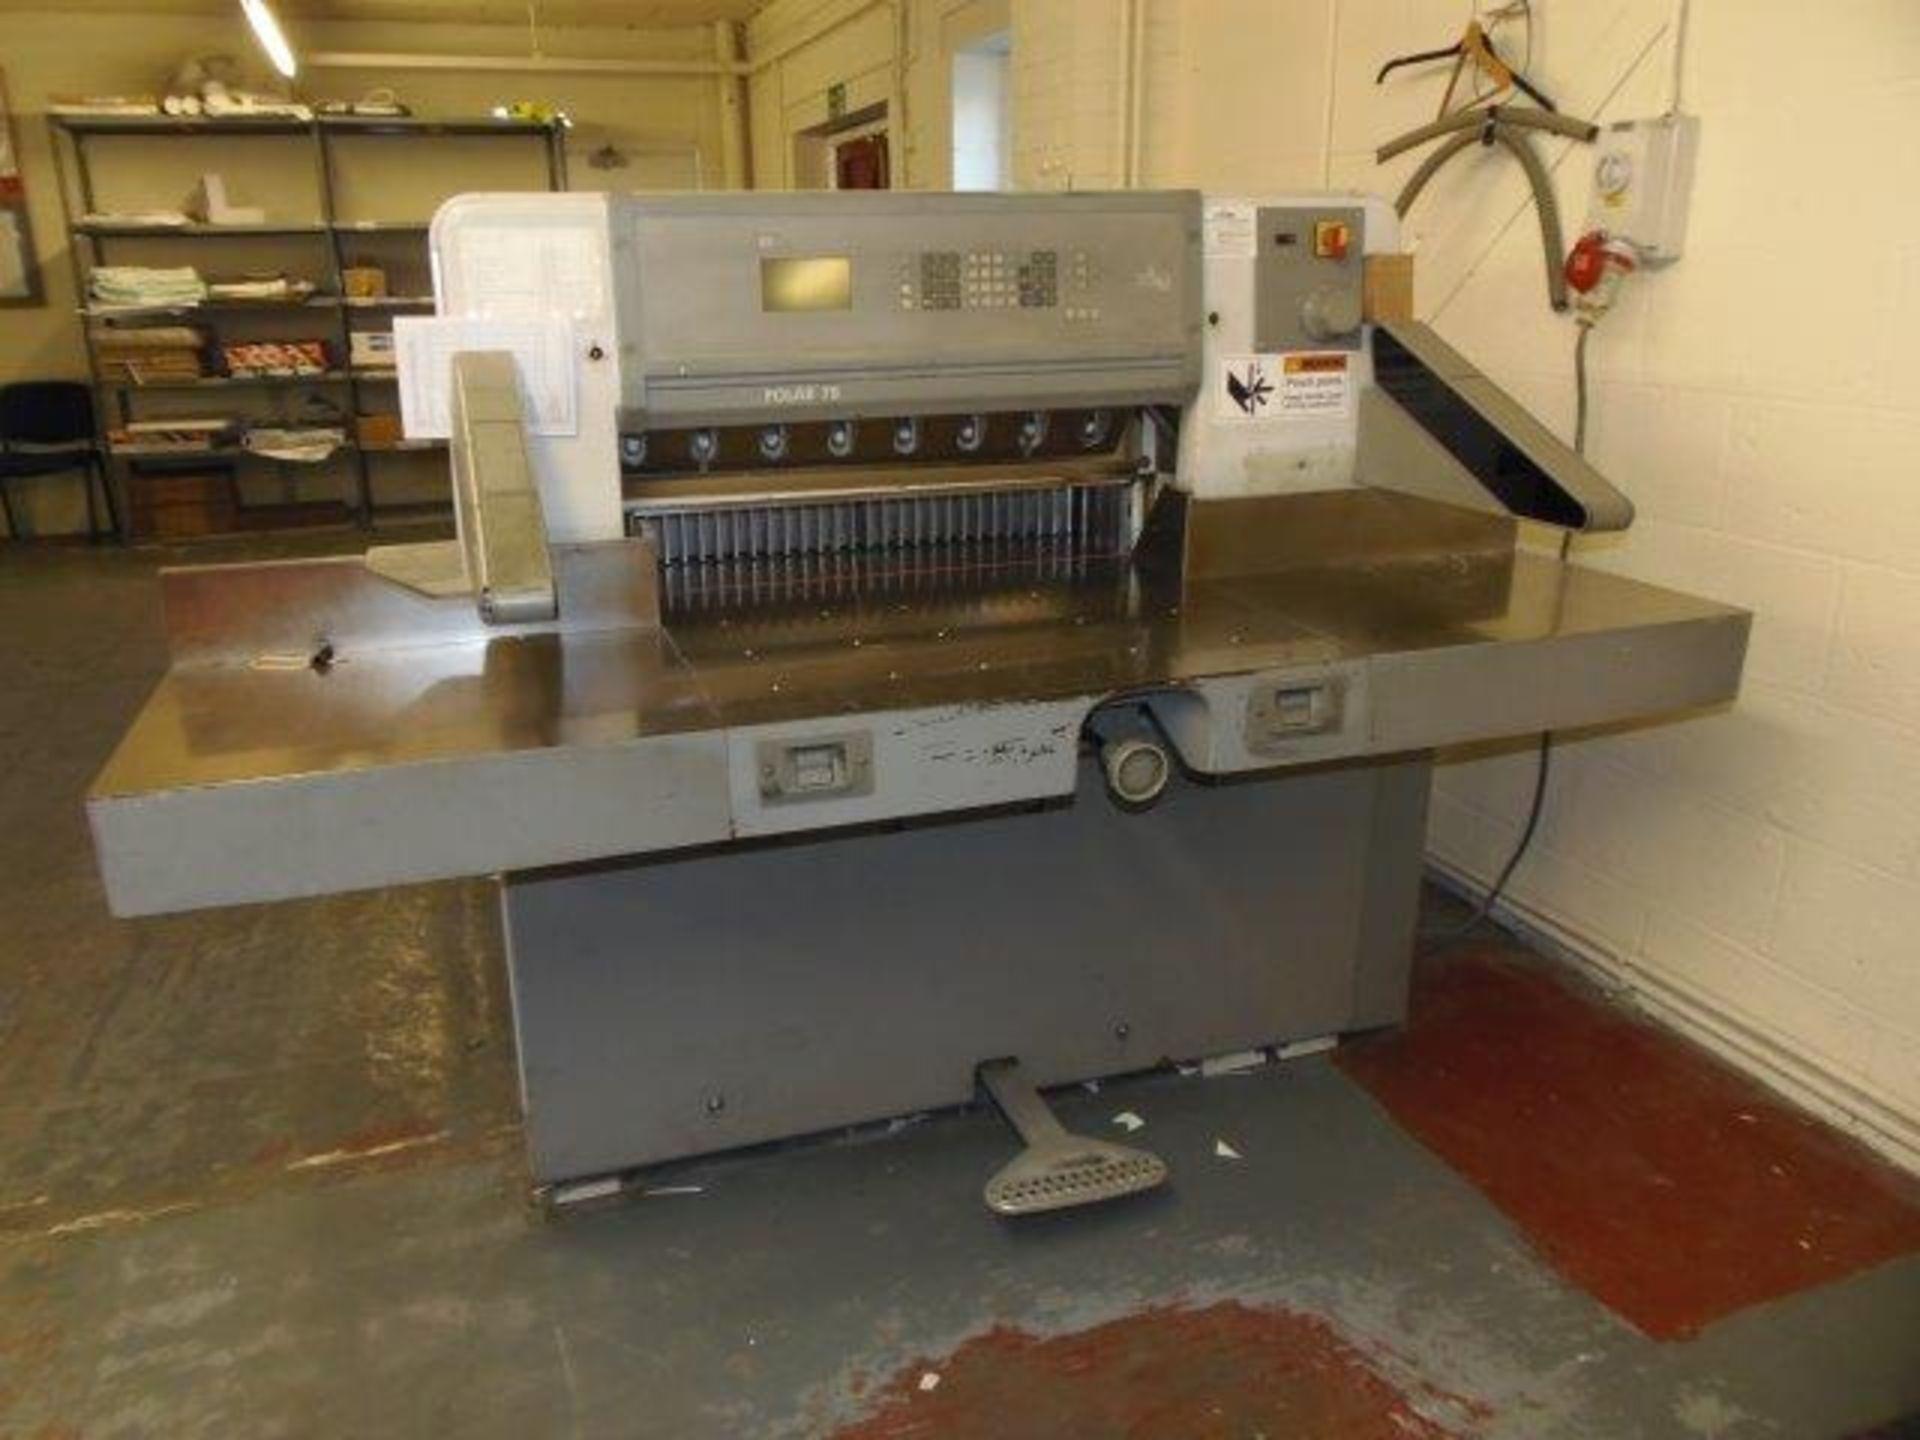 Lot 5 - Polar 78 guillotine (1999) Serial no. 6961082